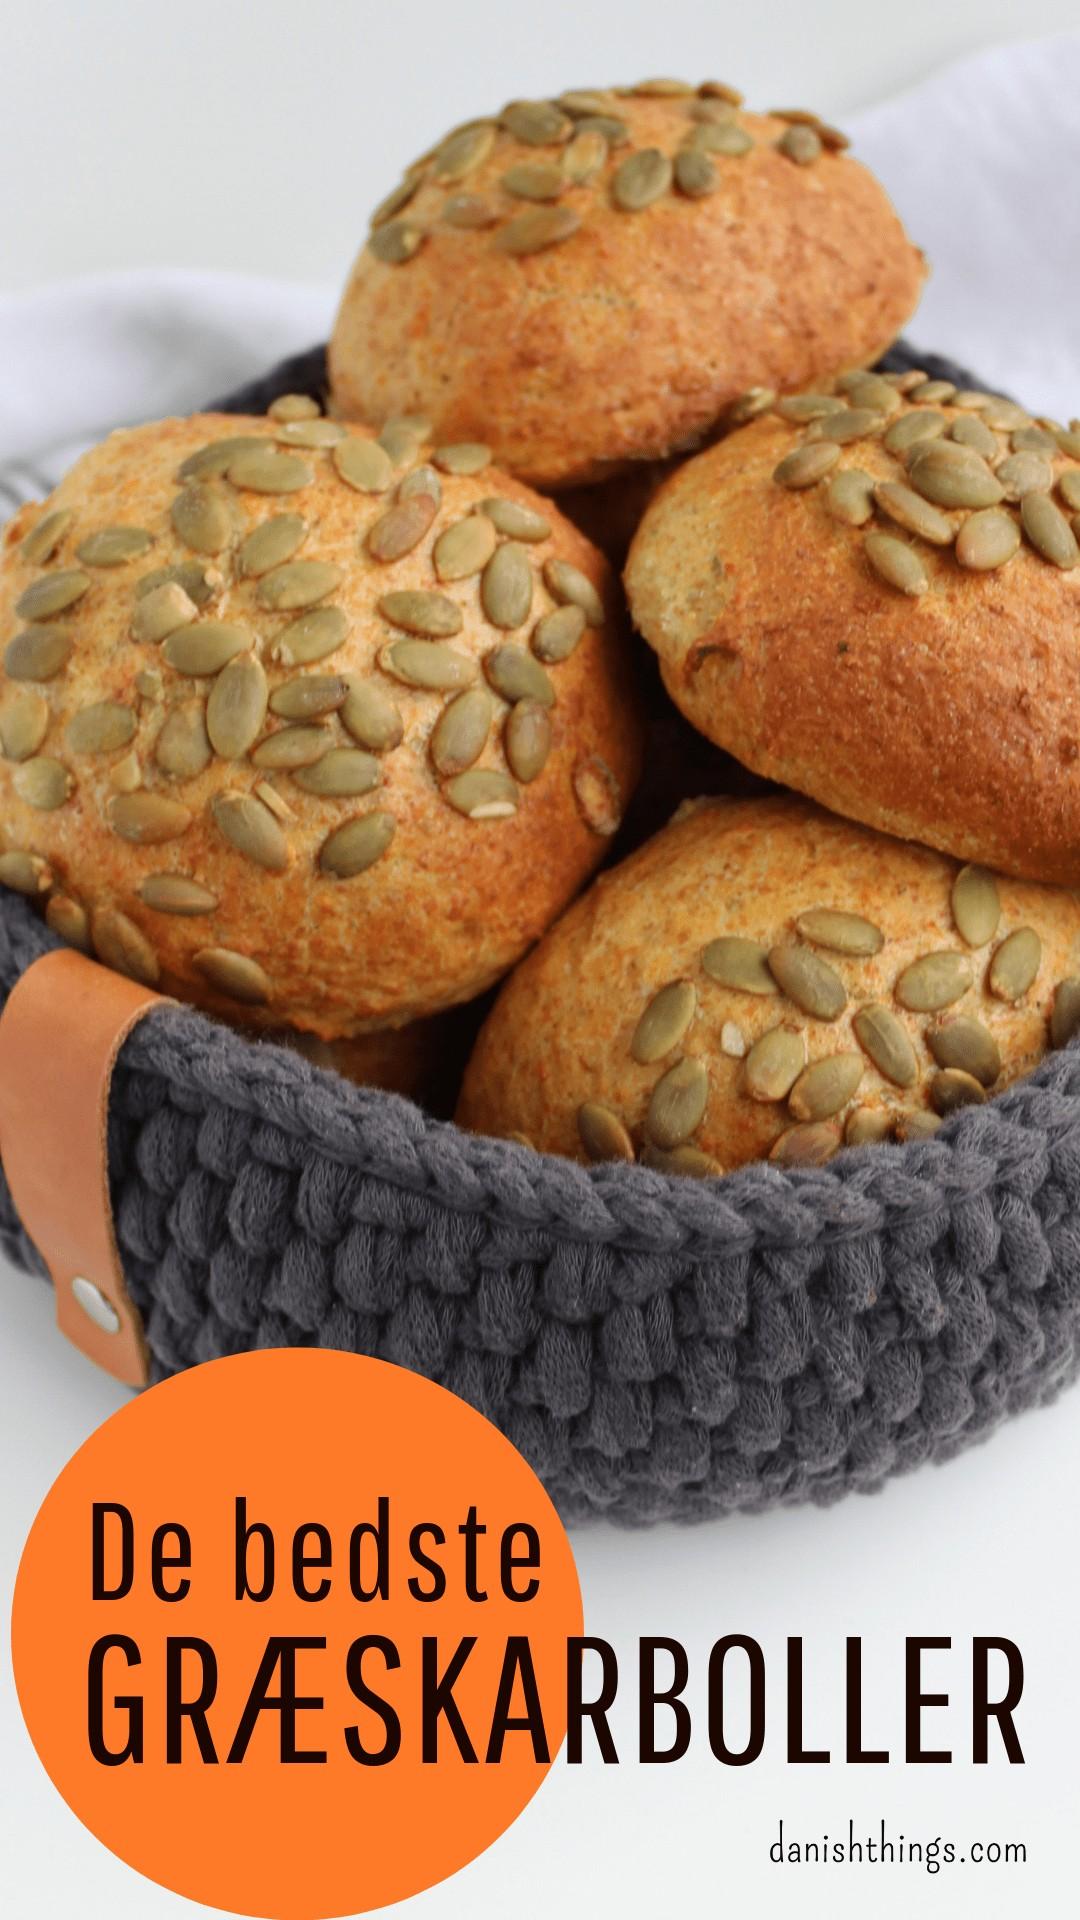 Mangler du opskrifter på lækre måder, at få brugt de billige halloween græskar på? Her er en opskrift på de bedste græskarboller. Spis dine græskarboller som morgenmad, brug dem til dine sandwich eller som tilbehør til suppe og gryderetter. Find opskrifter, gratis print og inspiration til årets gang på danishthings.com